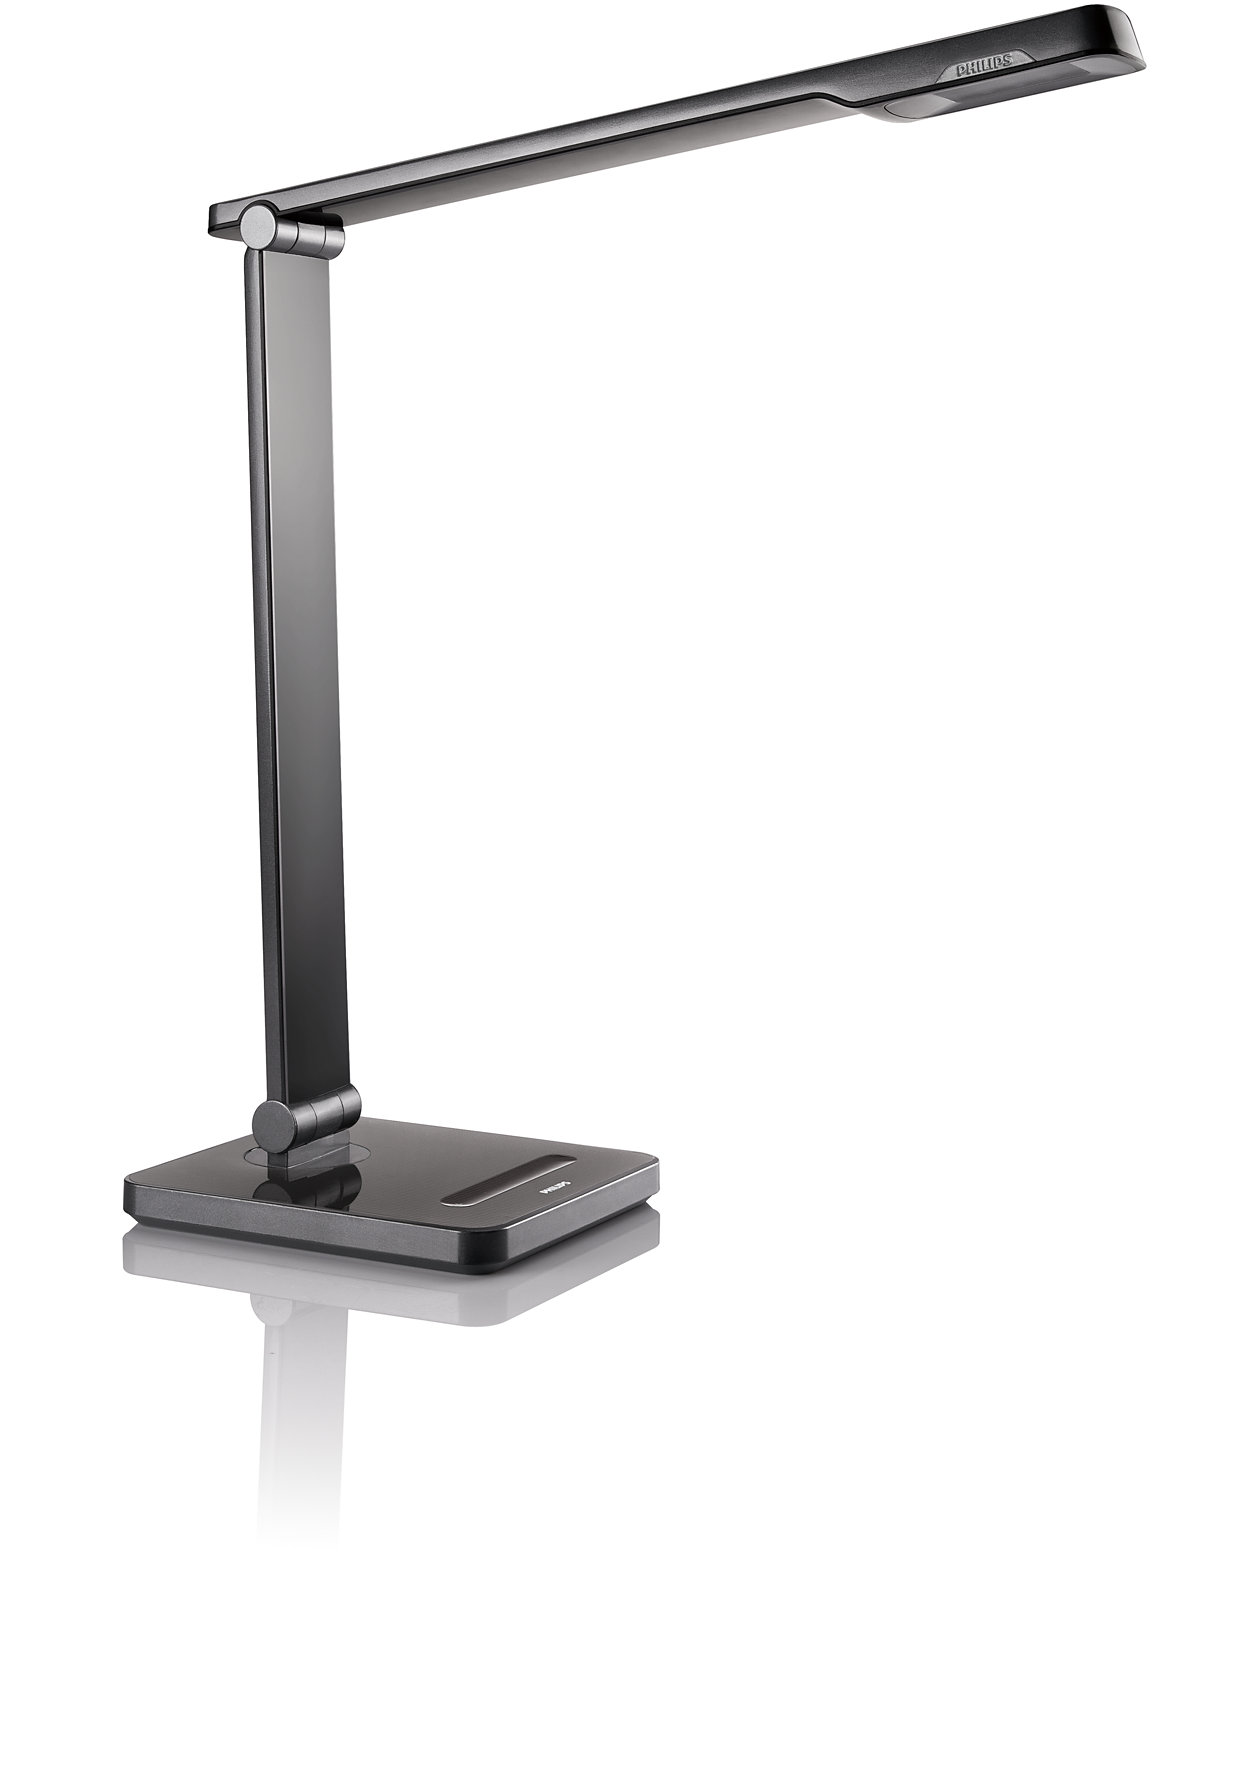 创新舒适照明桌面解决方案再升级